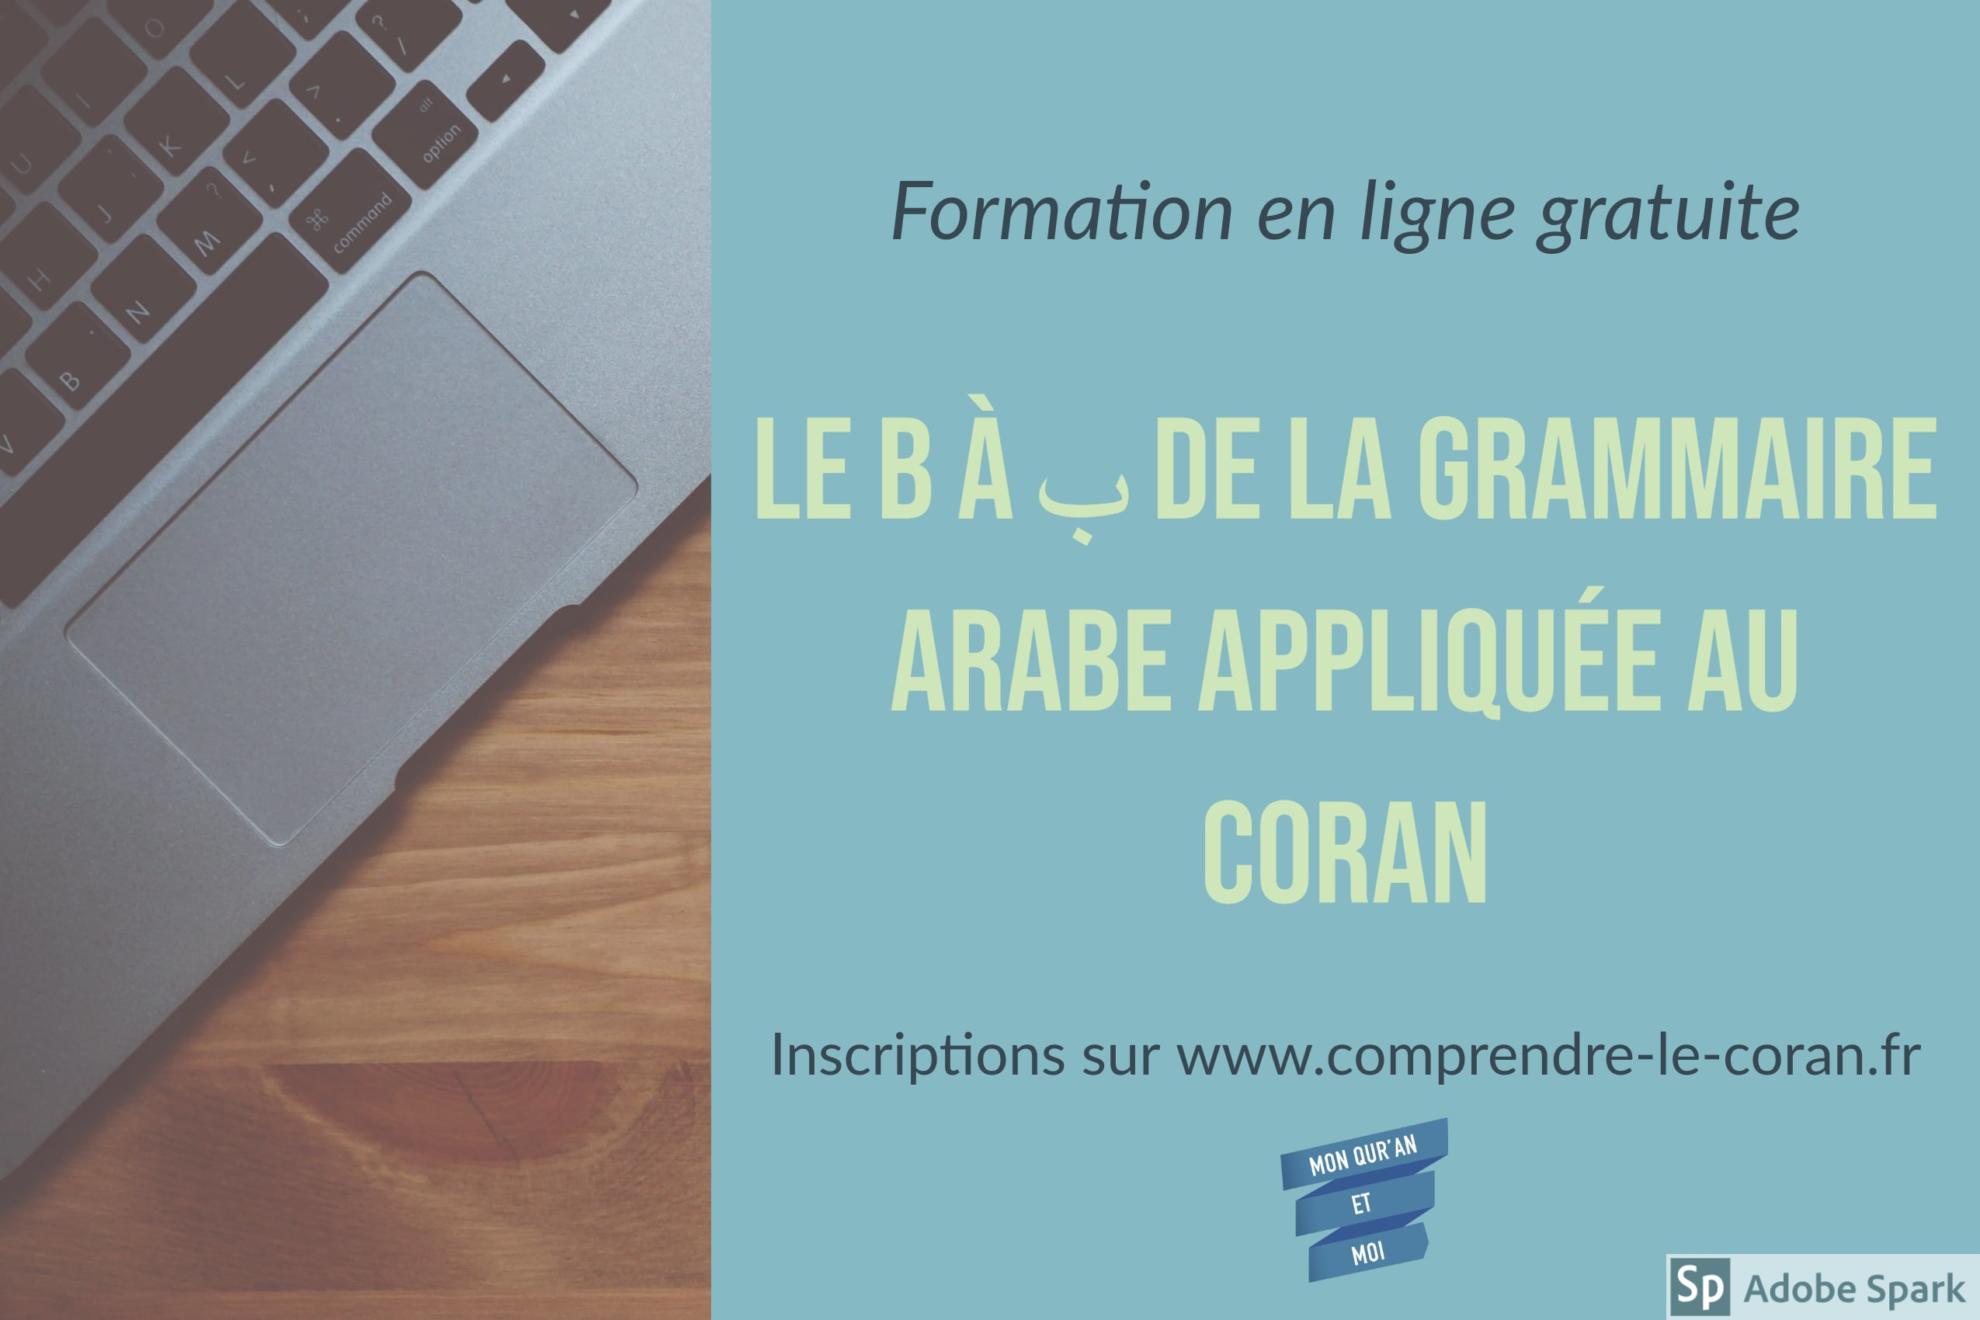 B à ba de la grammaire arabe appliquée au Coran